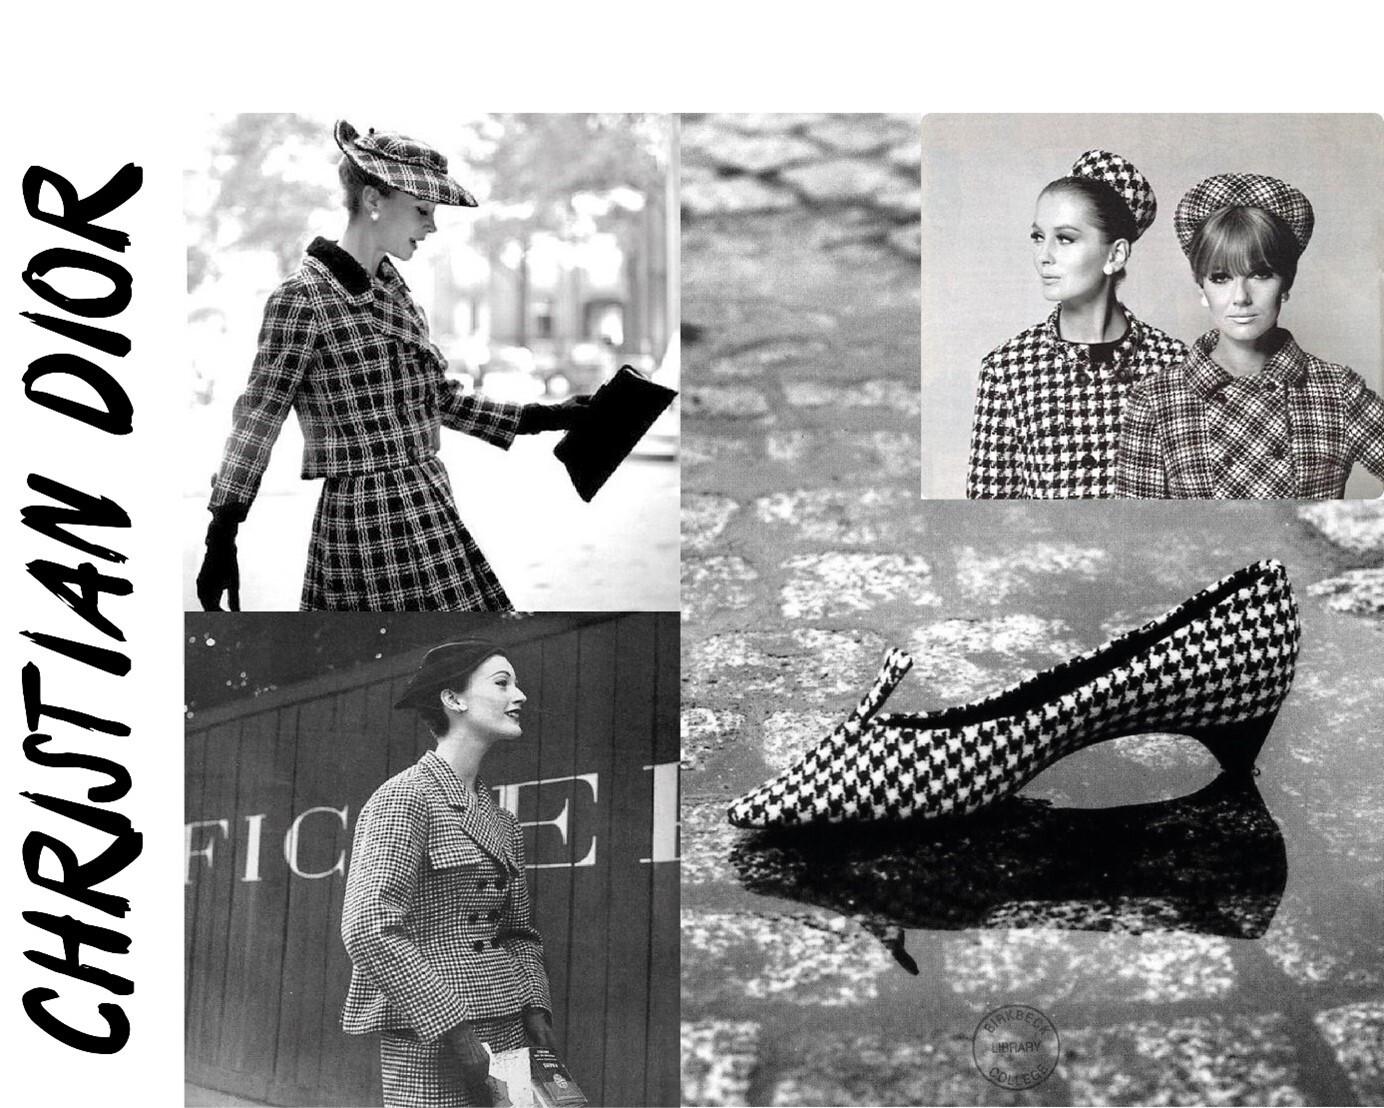 Pied de poule Christian Dior